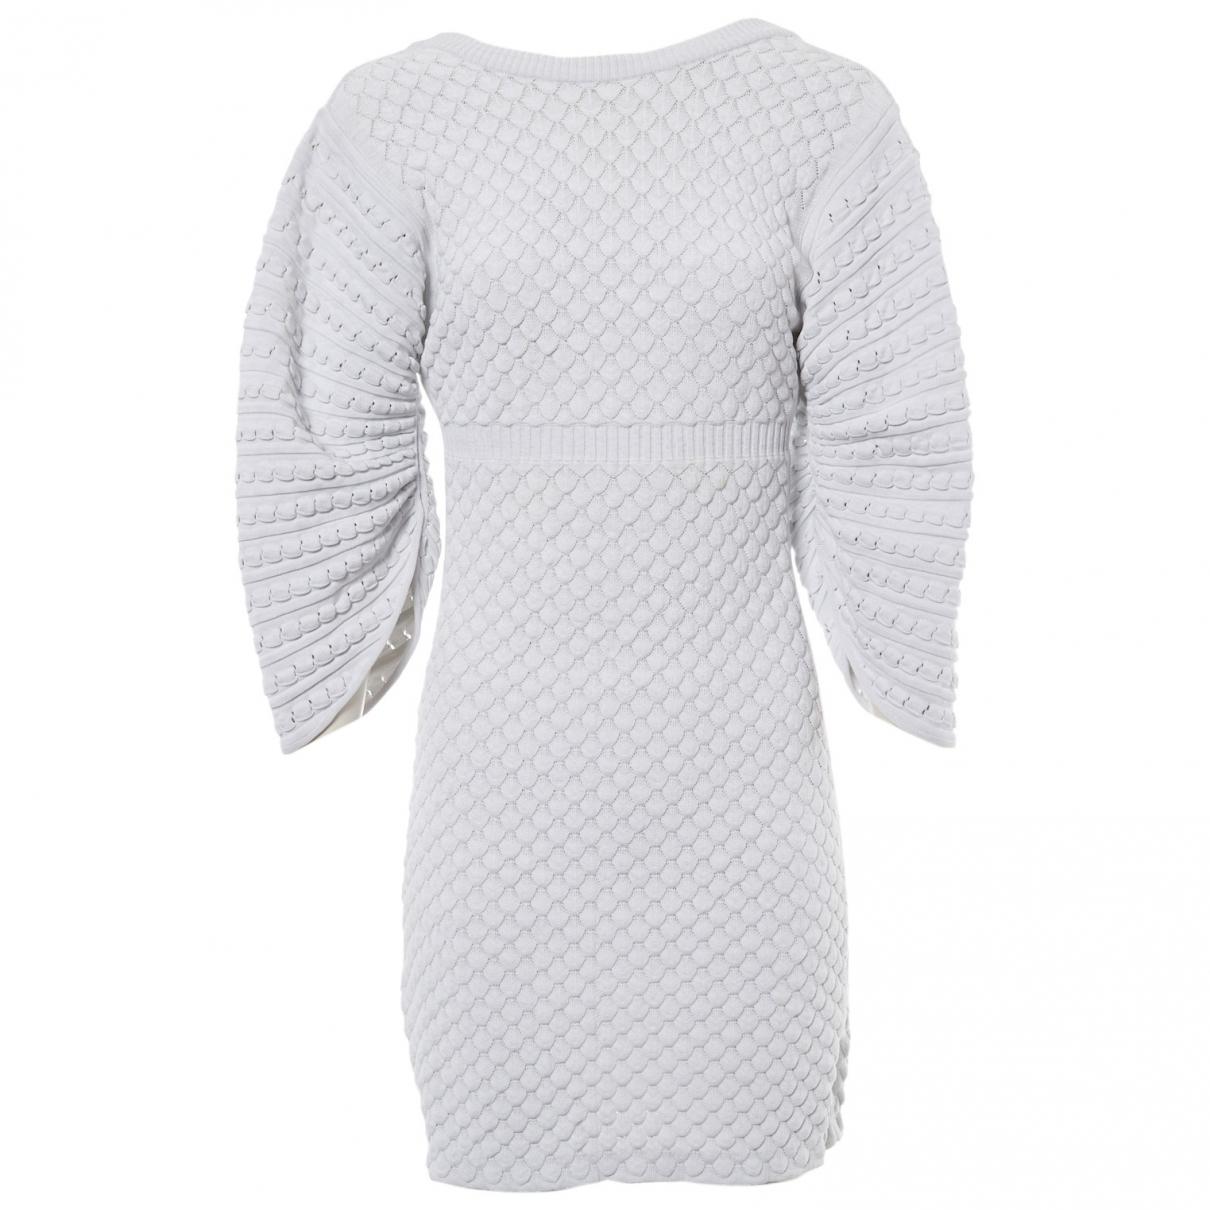 Chanel \N White dress for Women 36 FR